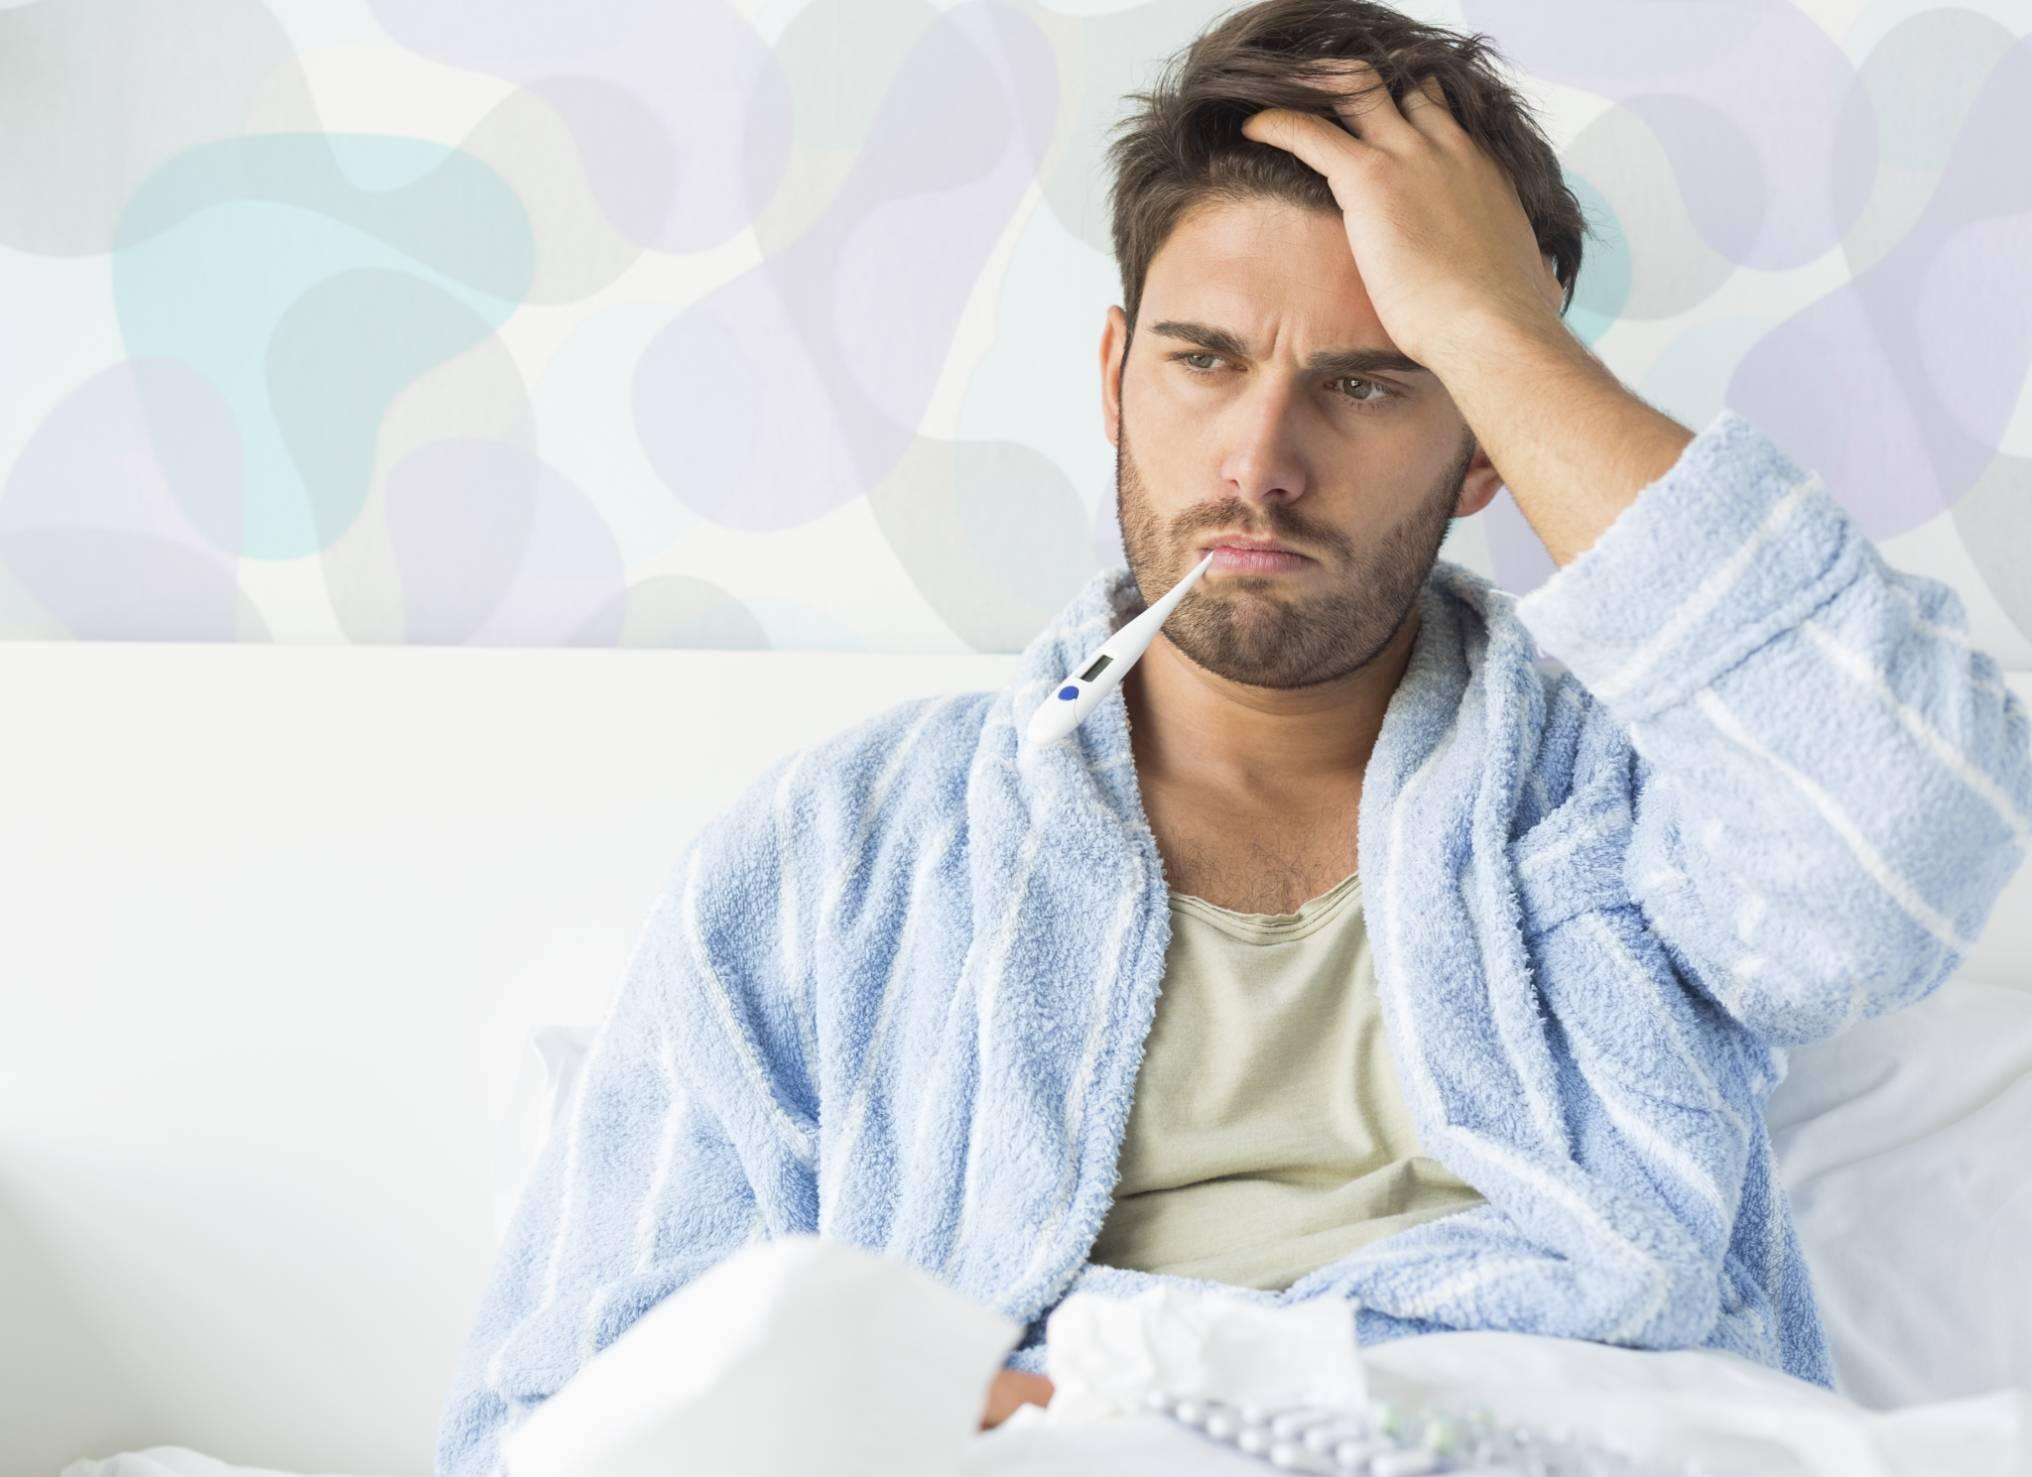 چرا سیستم ایمنی بدن افراد واکنشهای متفاوتی در برابر انگل مالاریا دارد؟